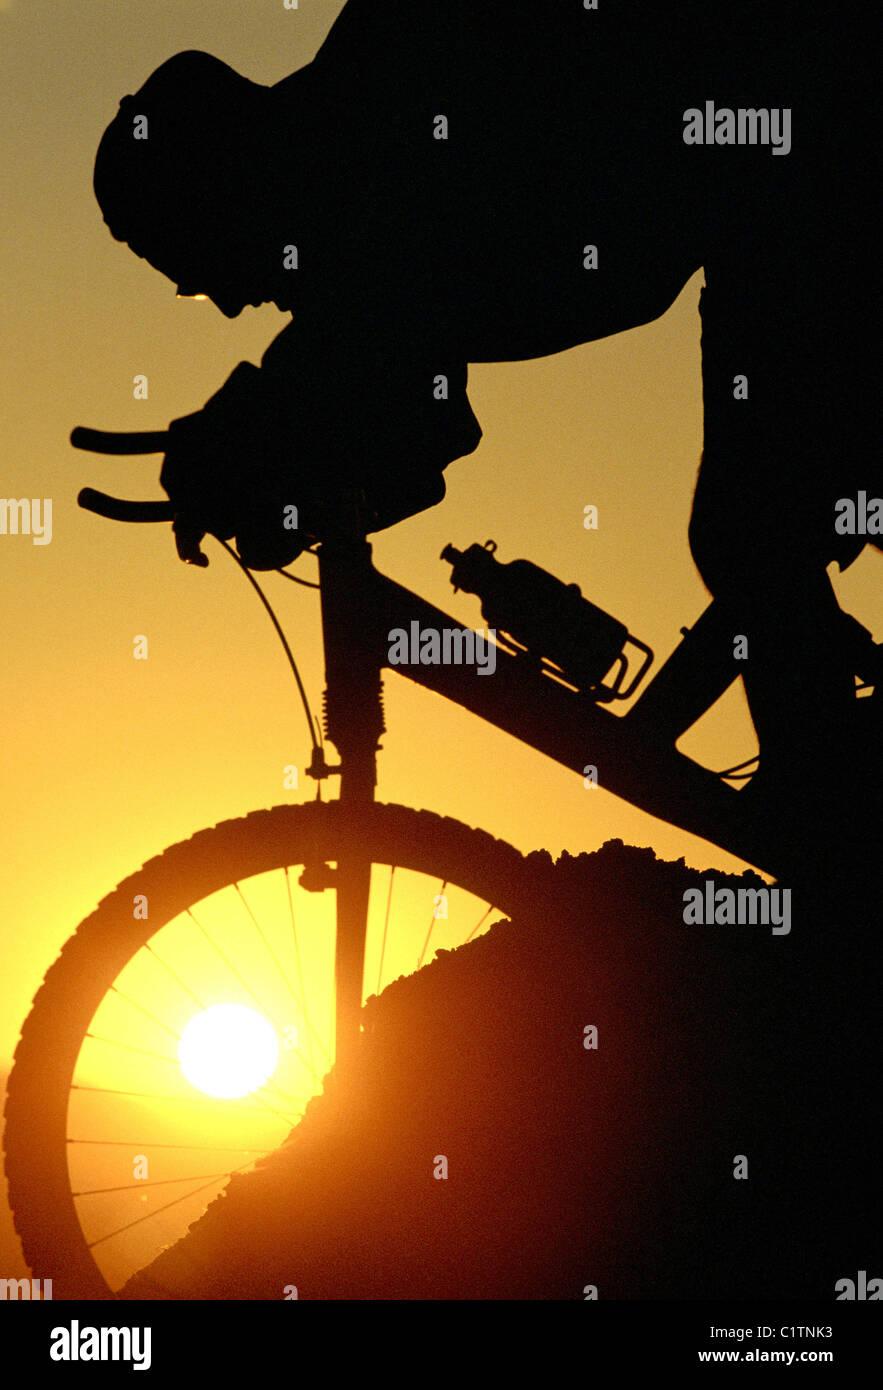 Silueta de persona mountain bike Imagen De Stock